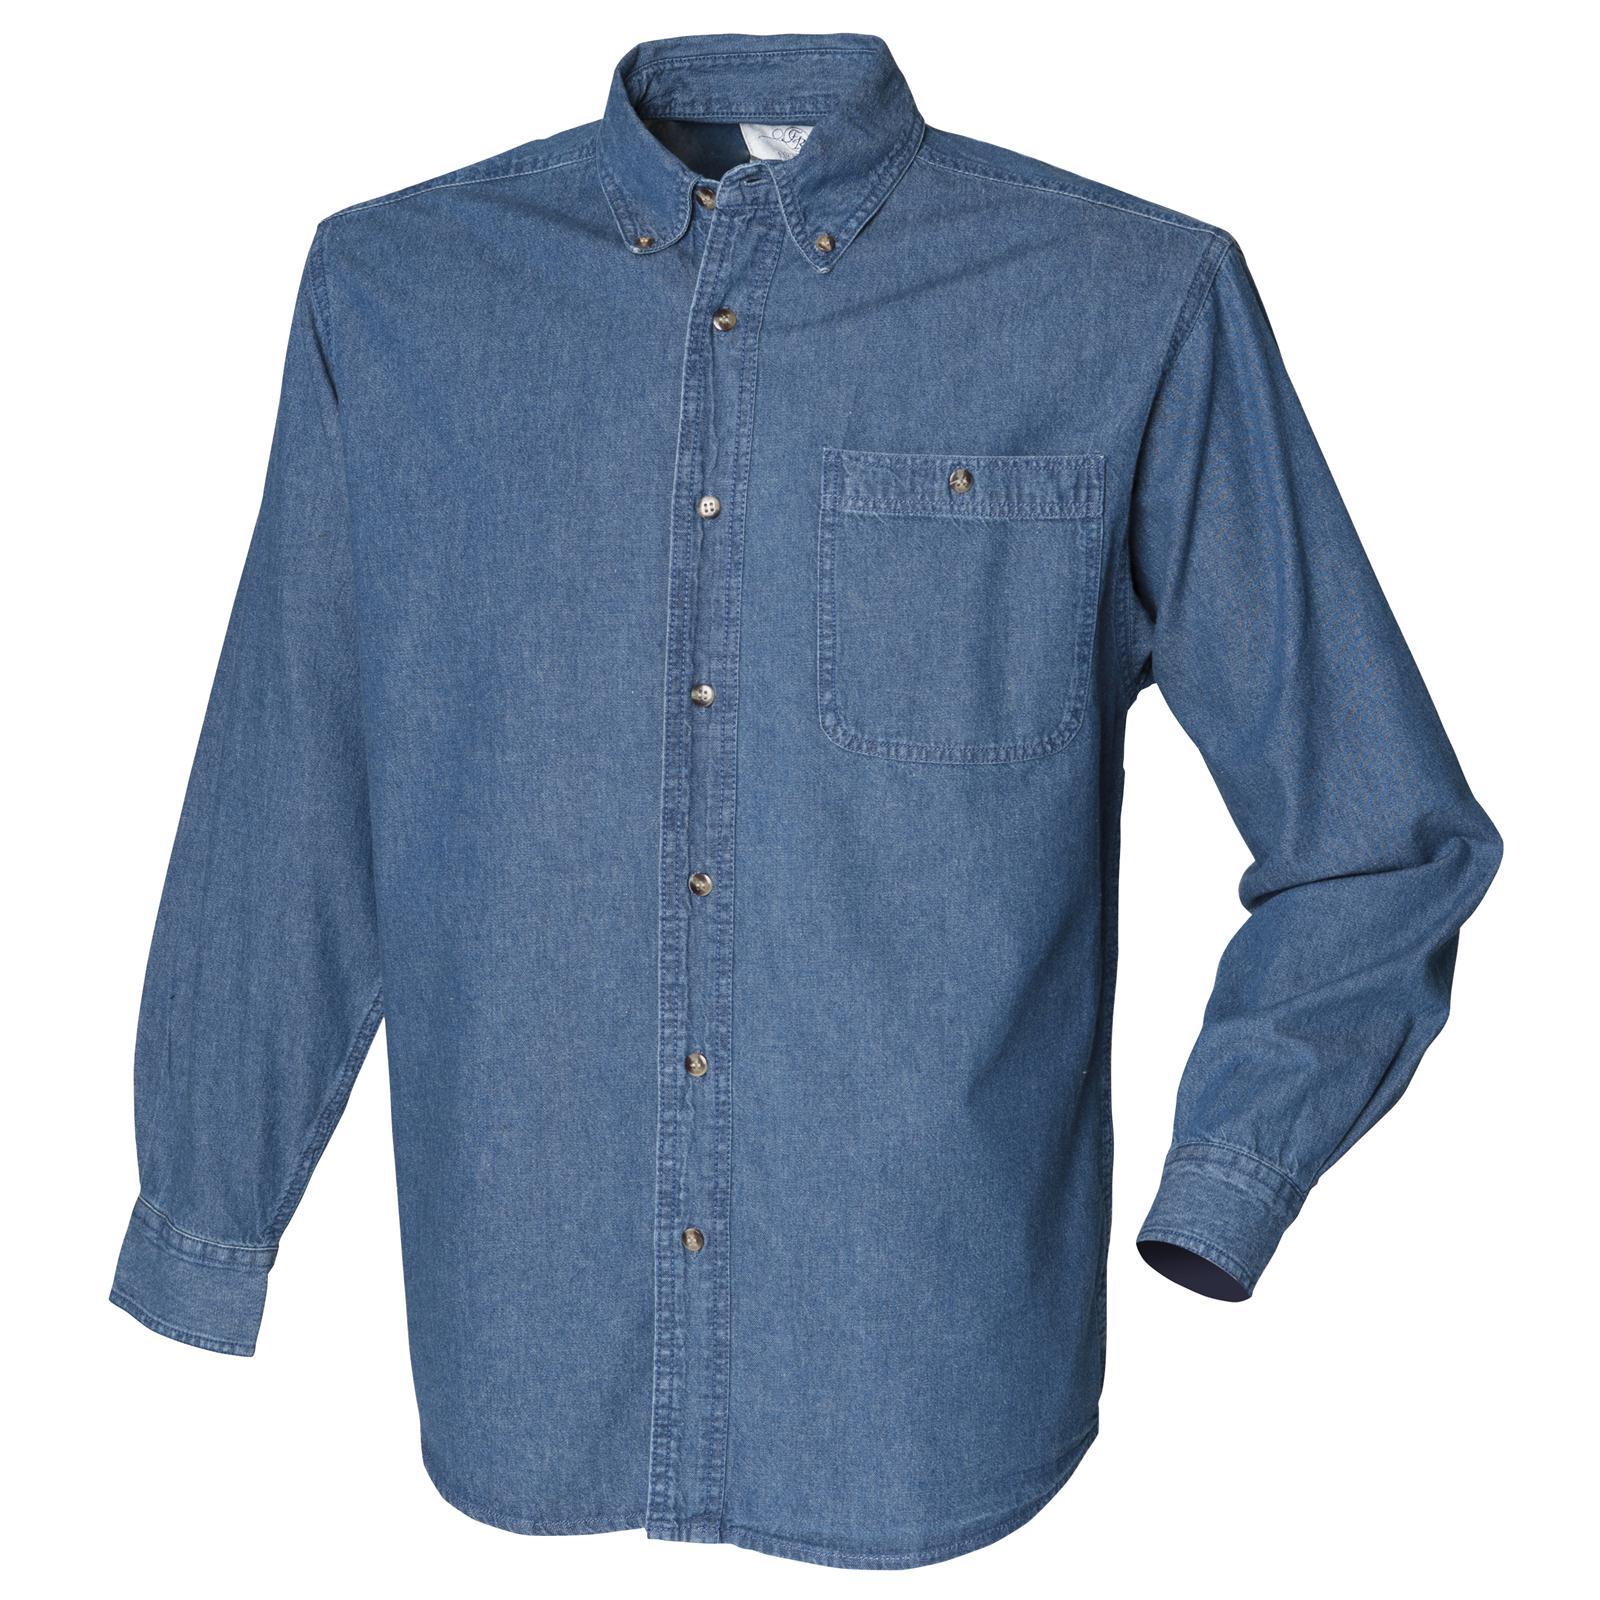 Nouveau Chemise FRONT ROW Homme Manche Longue Léger Jean Coton  in Blue S-XXL